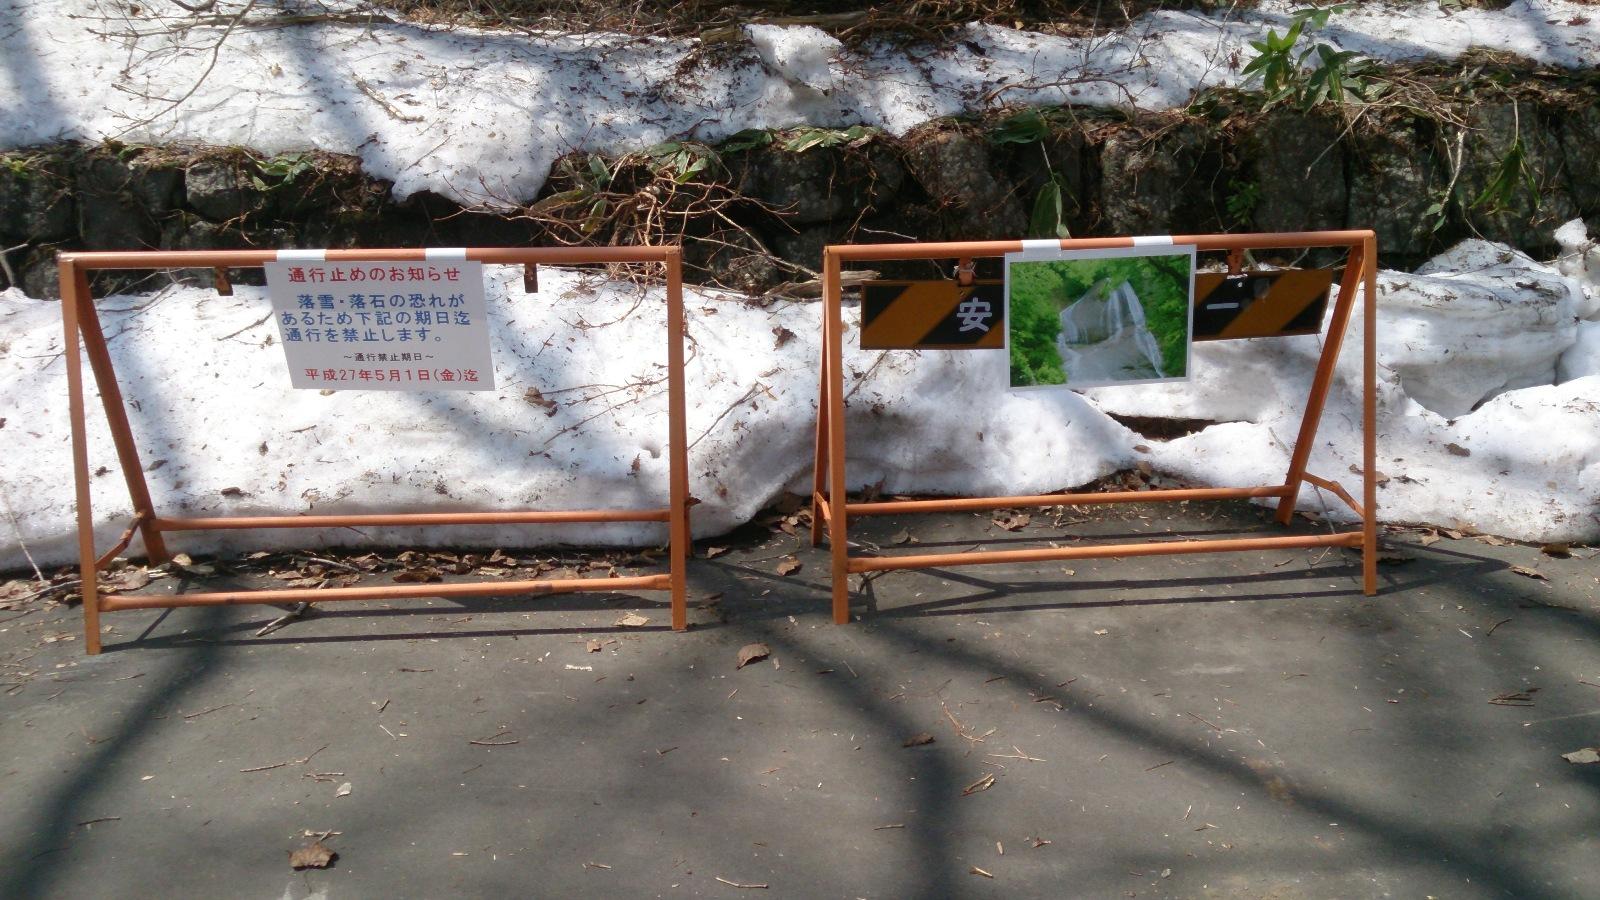 田子町地域おこし協力隊 つっちーのブログ20150424_001